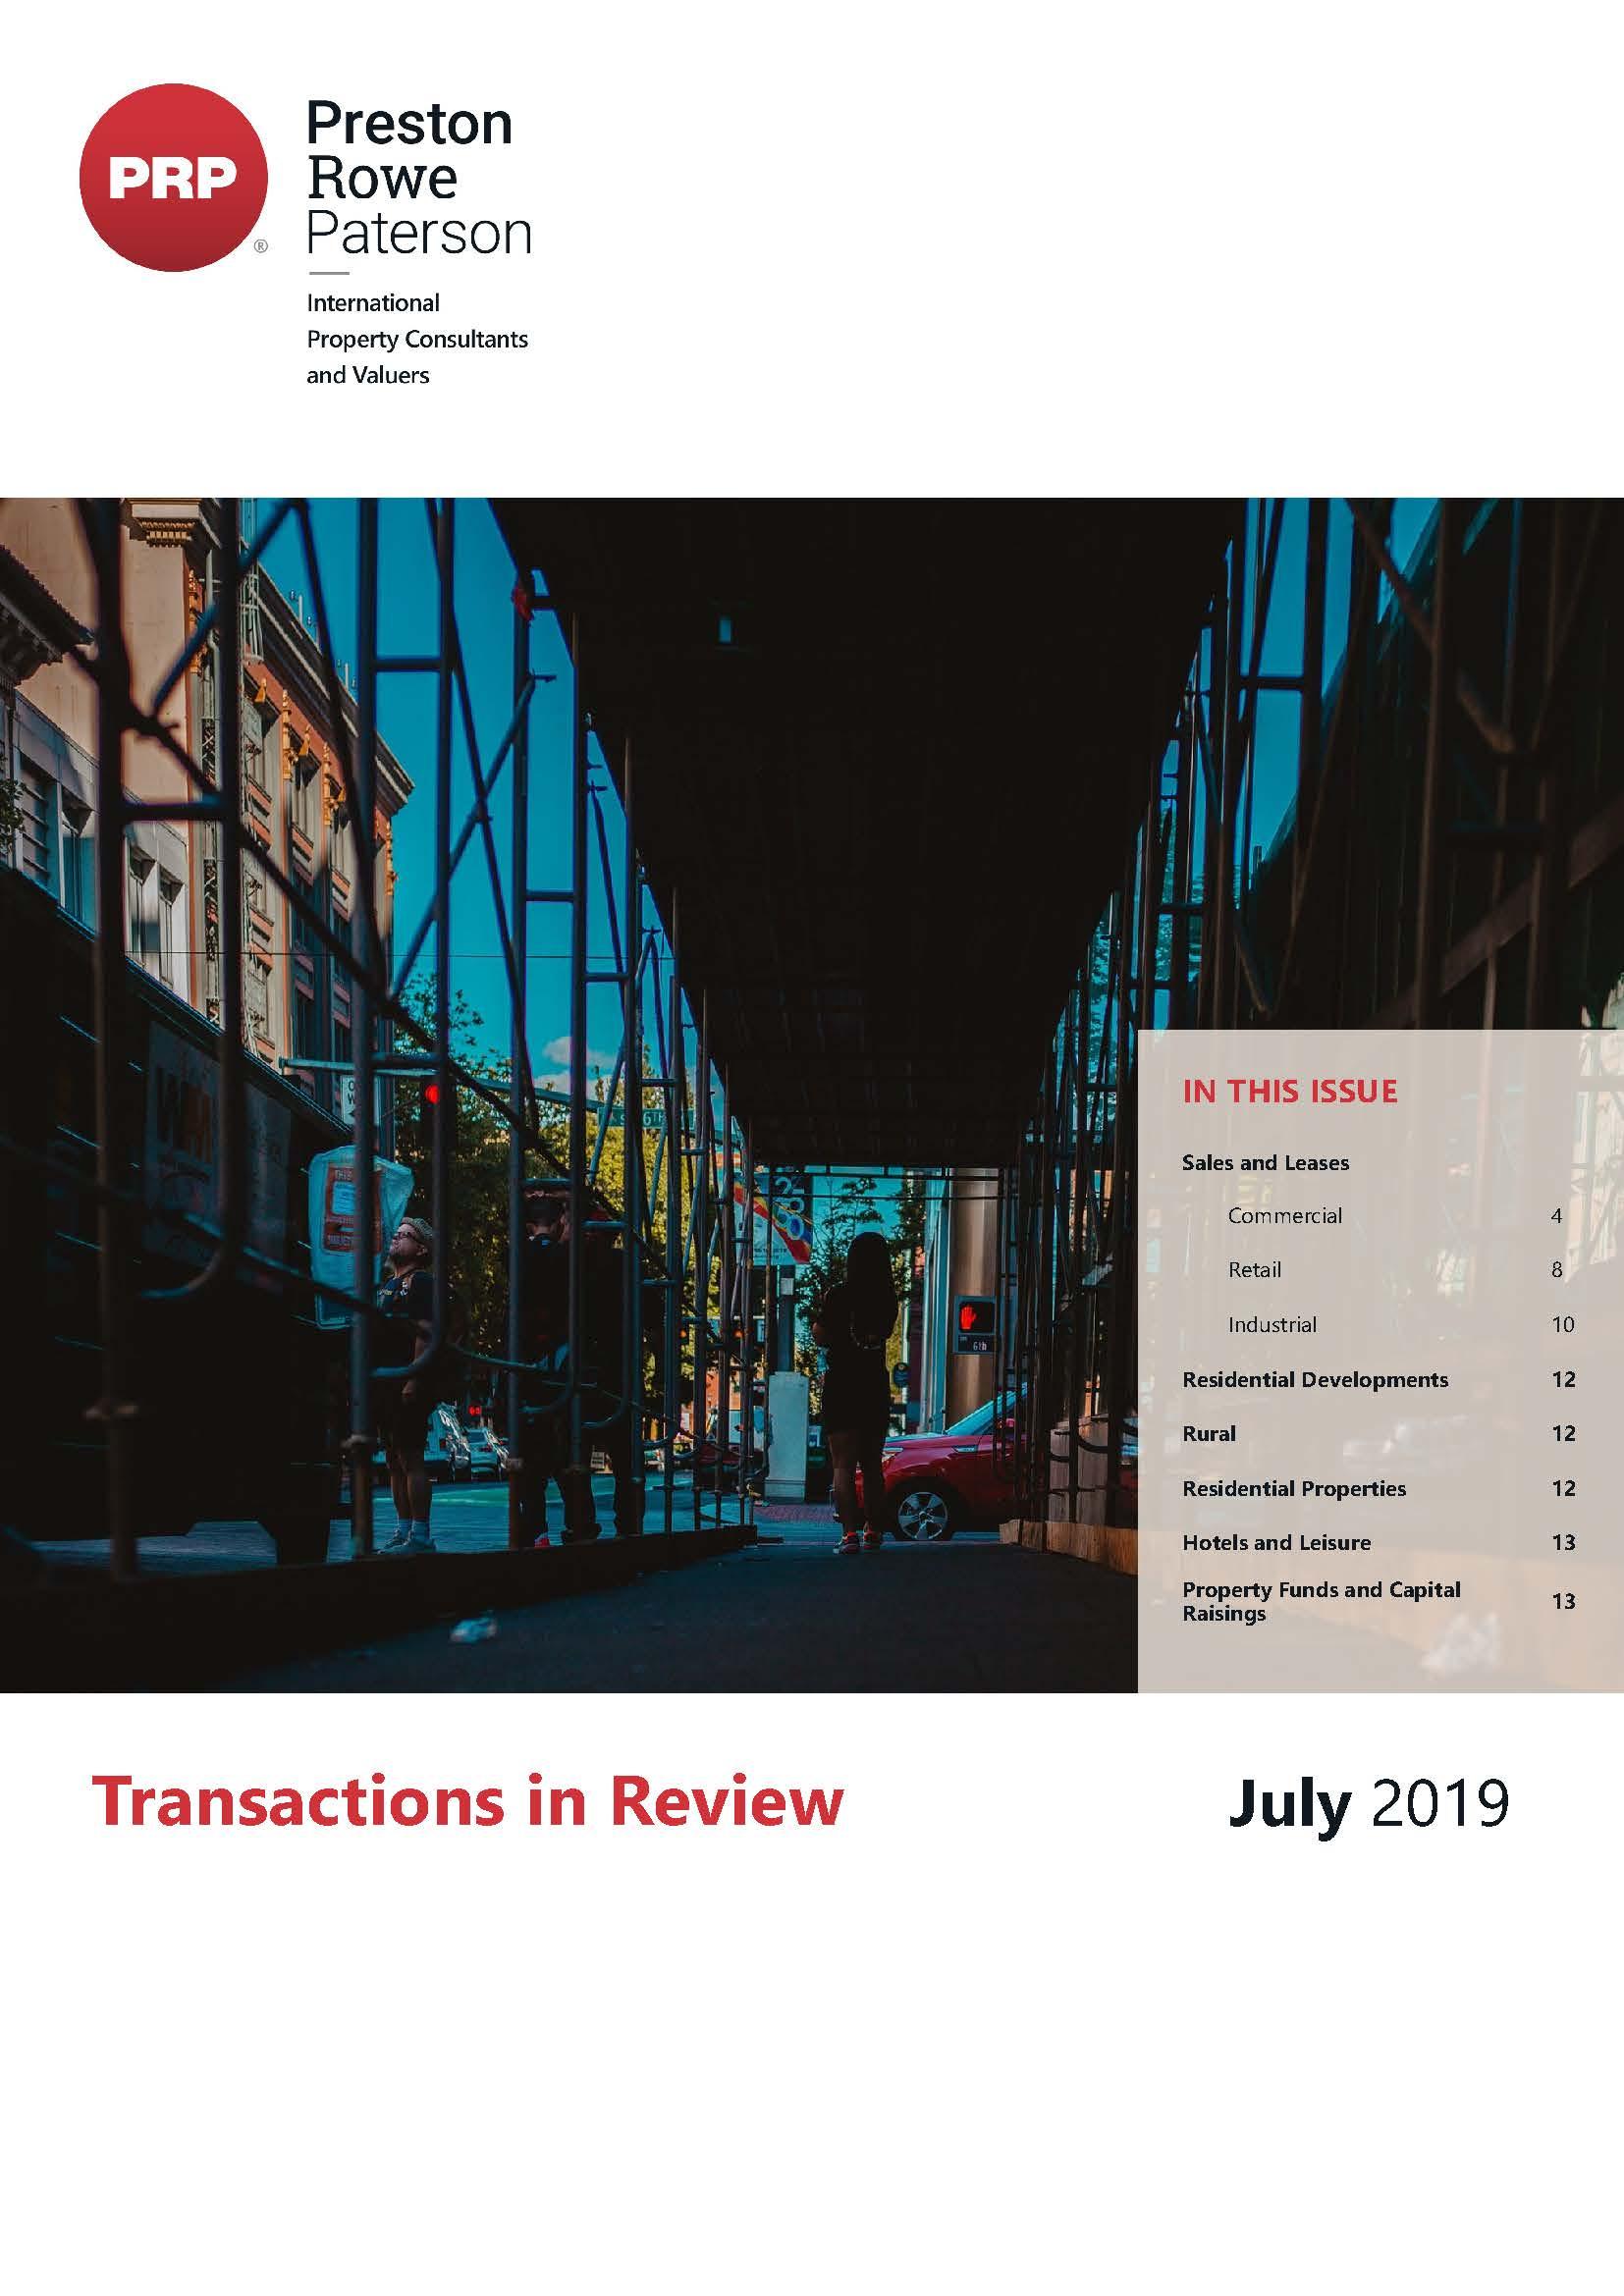 TIR July 2019